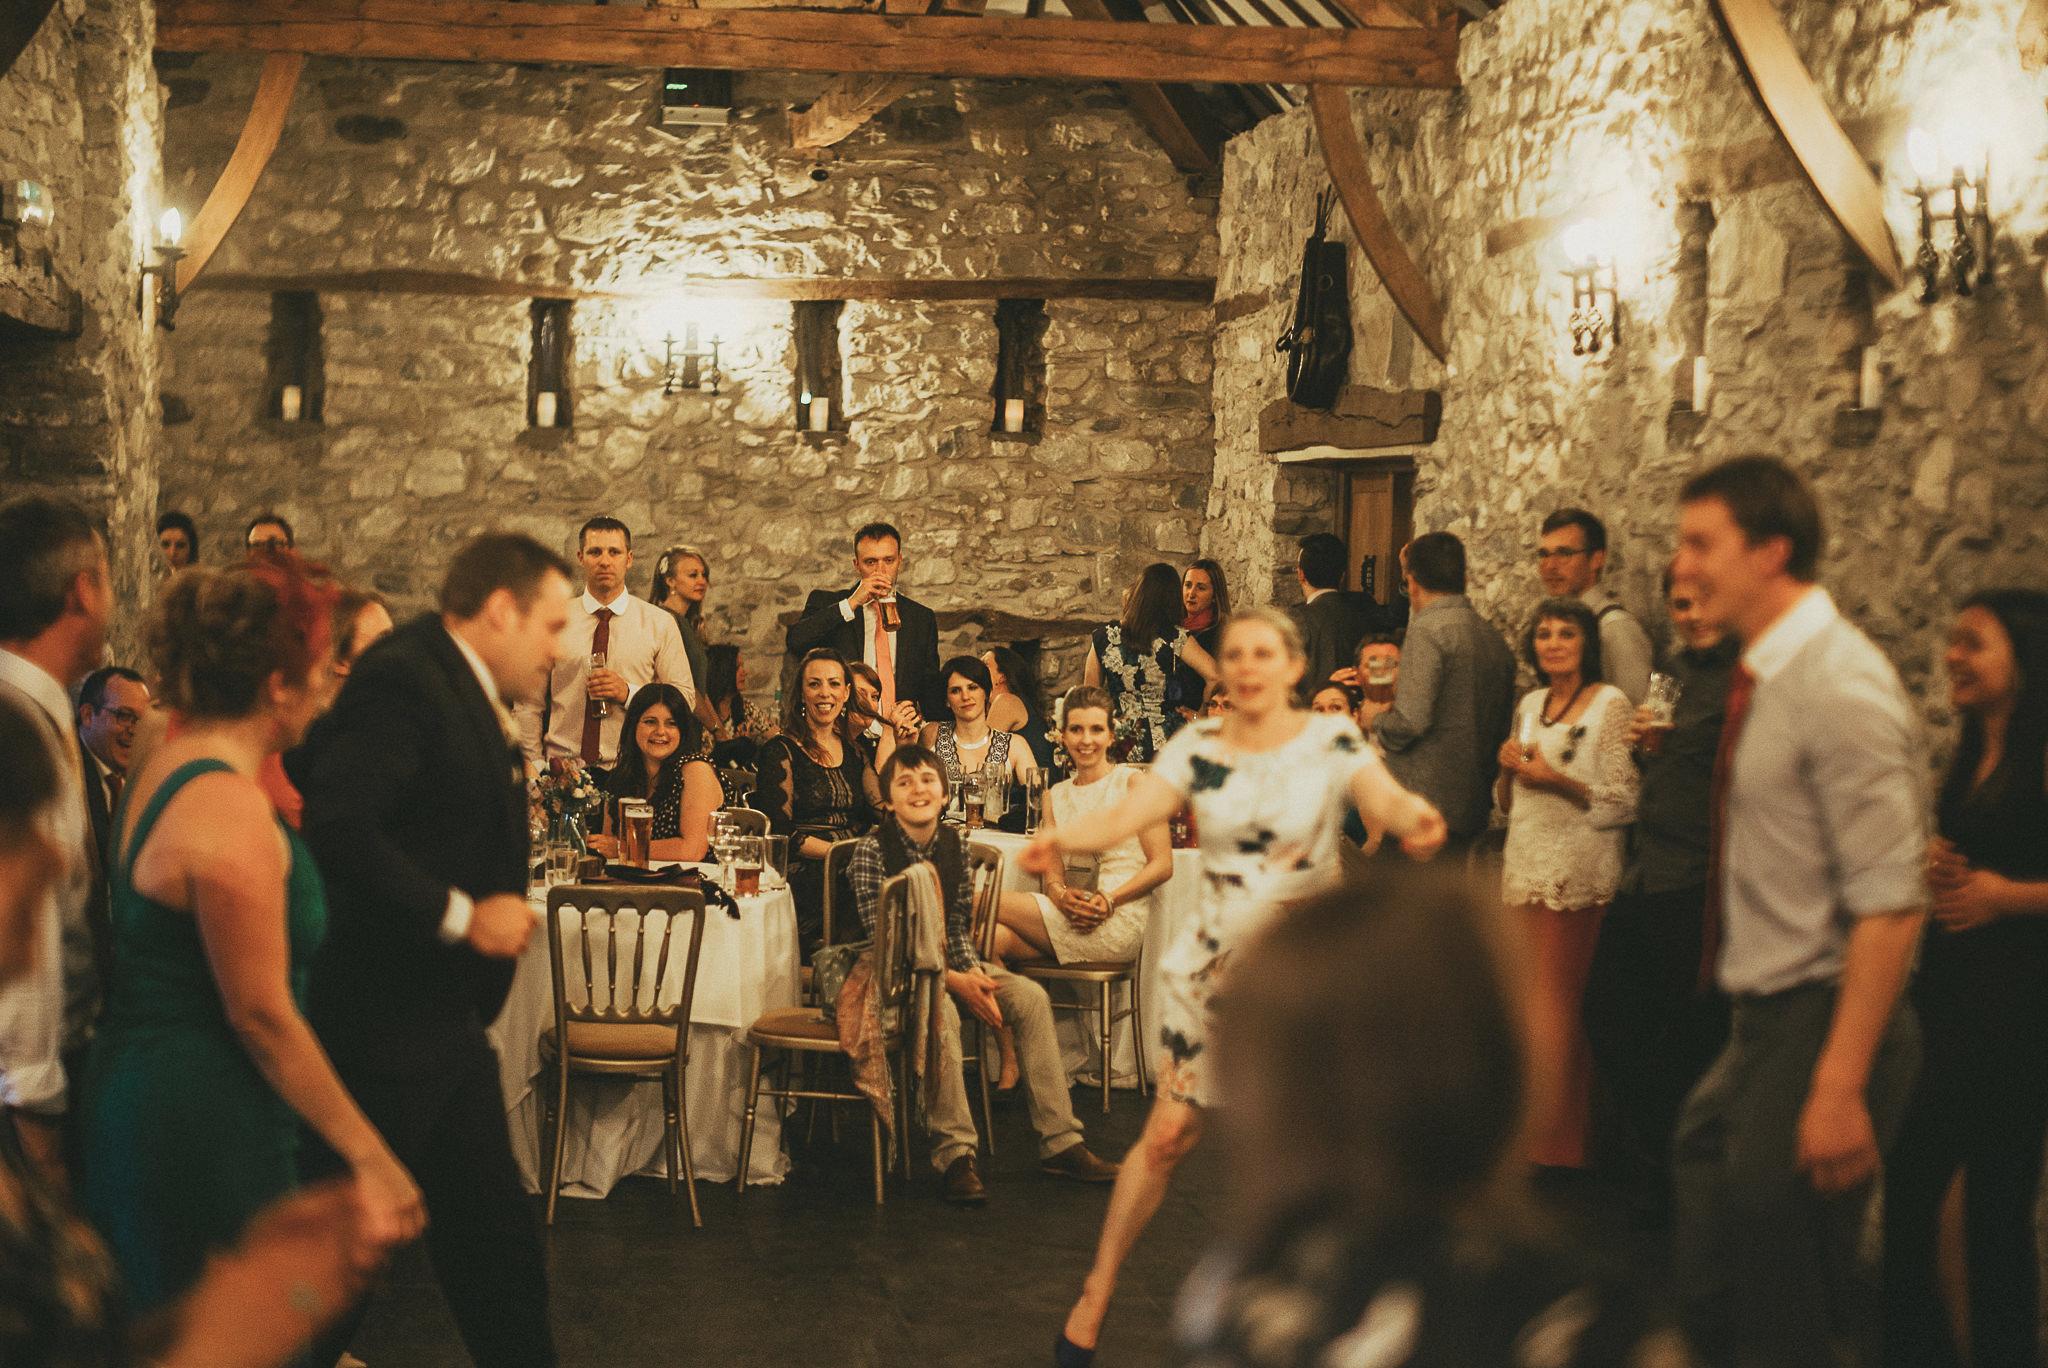 Plas Isaf Farm Wedding Photography, North Wales